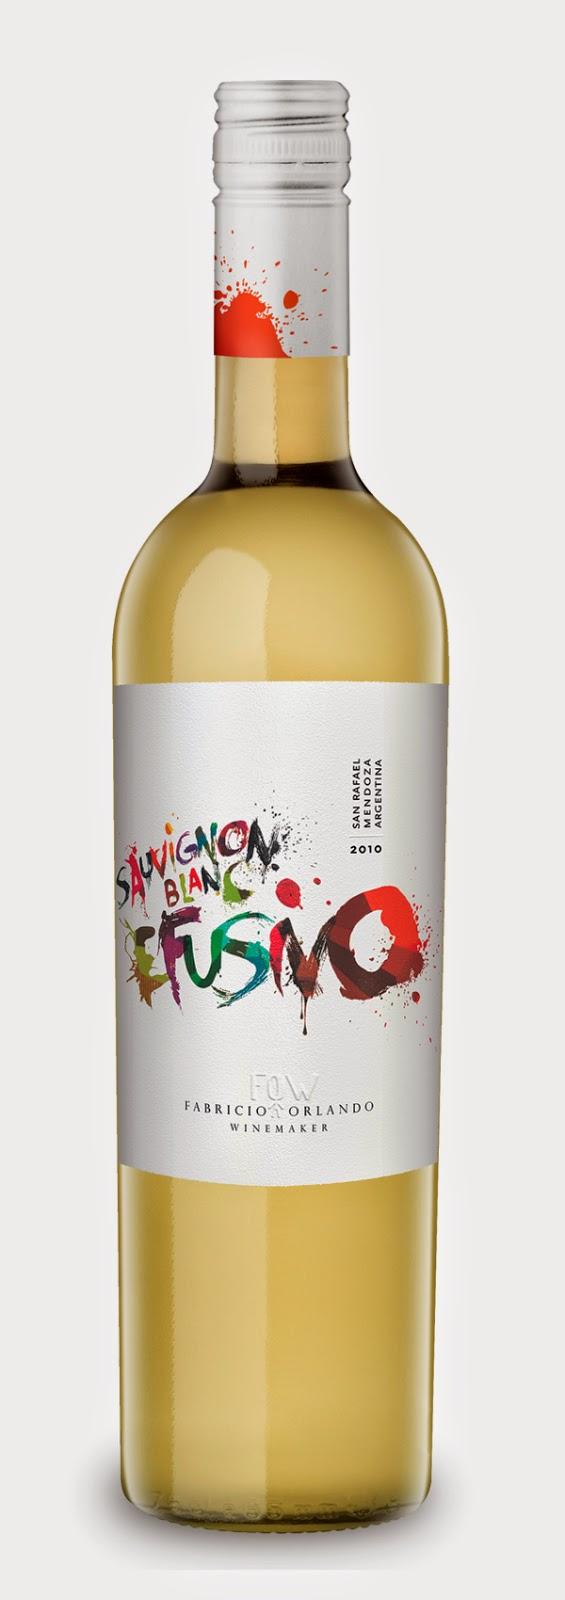 bottiglia etichetta vino bianco giovane colore espansivo packaging grafica naming